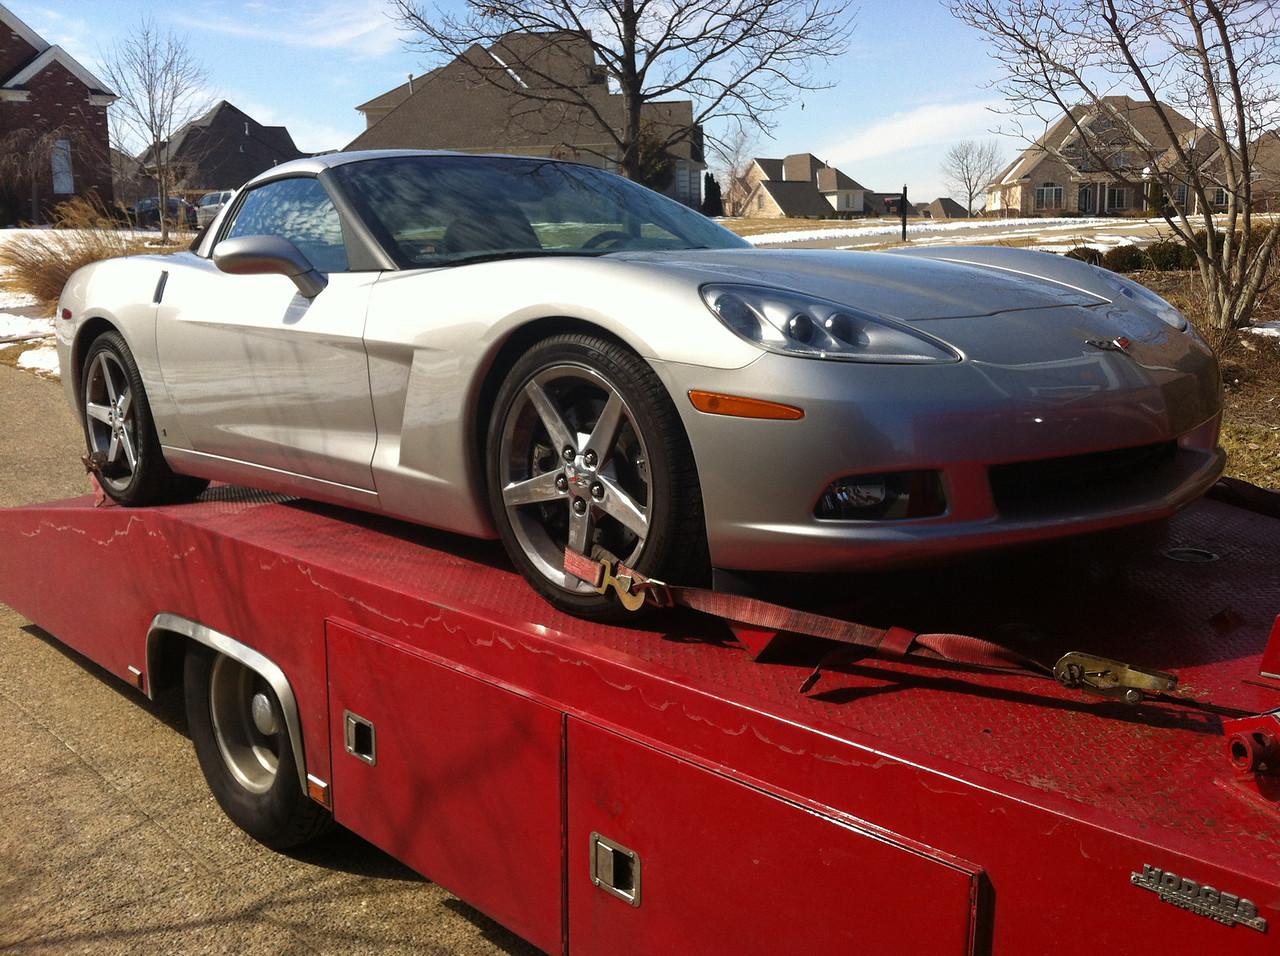 2006 Chevrolet Corvette (Prospect, Kentucky to Nashville, Tennessee)